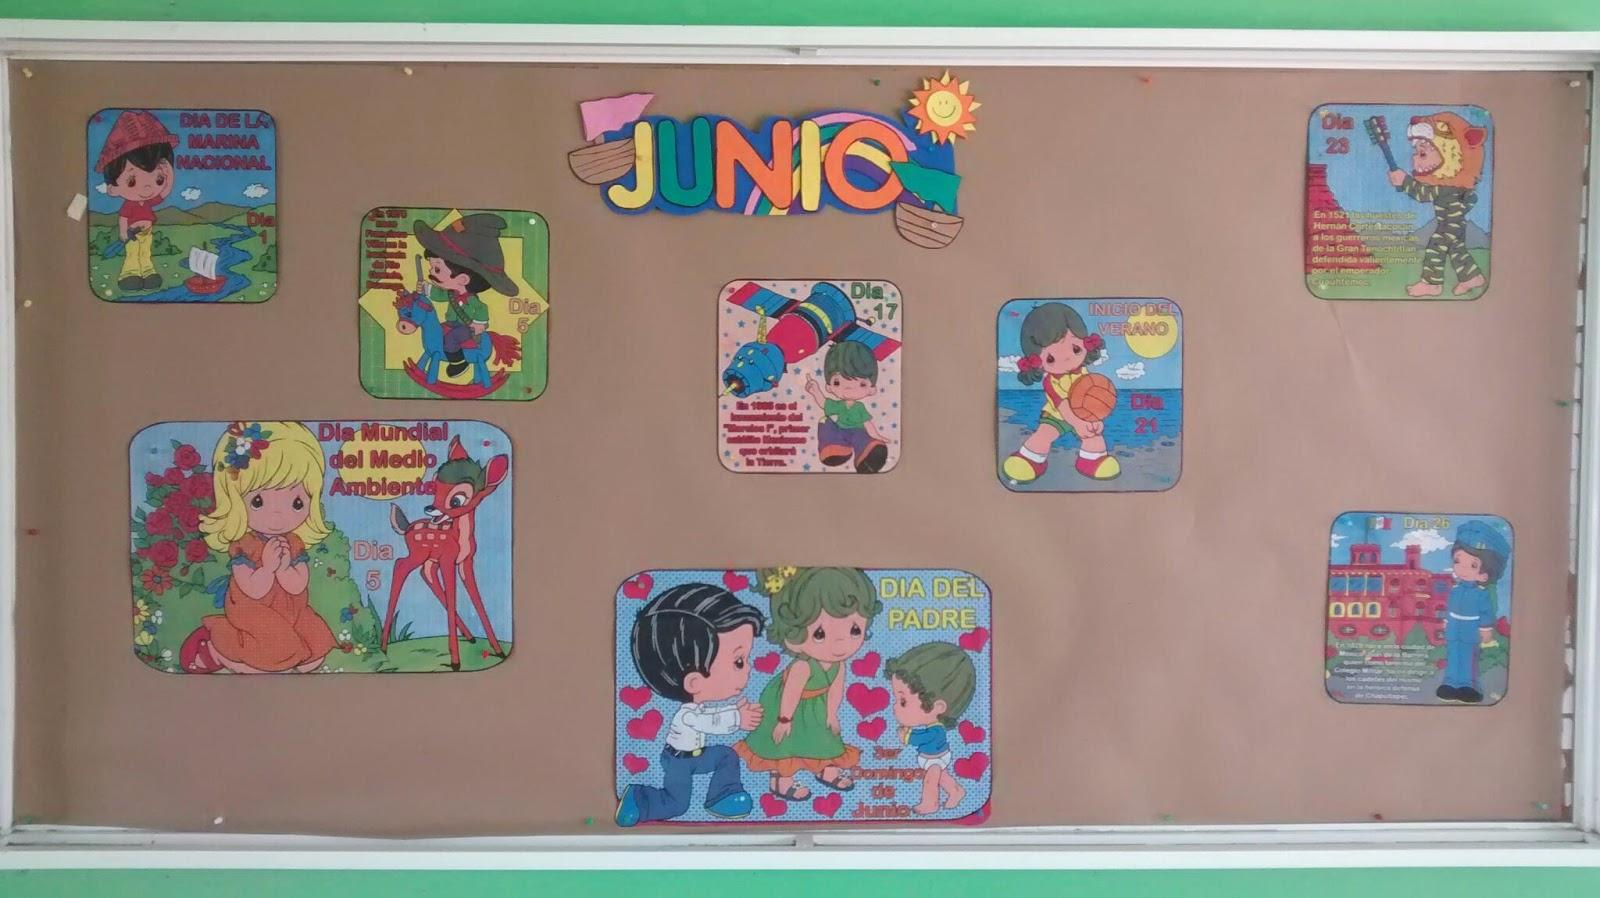 Peri dico mural mes de junio 3 imagenes educativas for Avisos de ocasion el mural